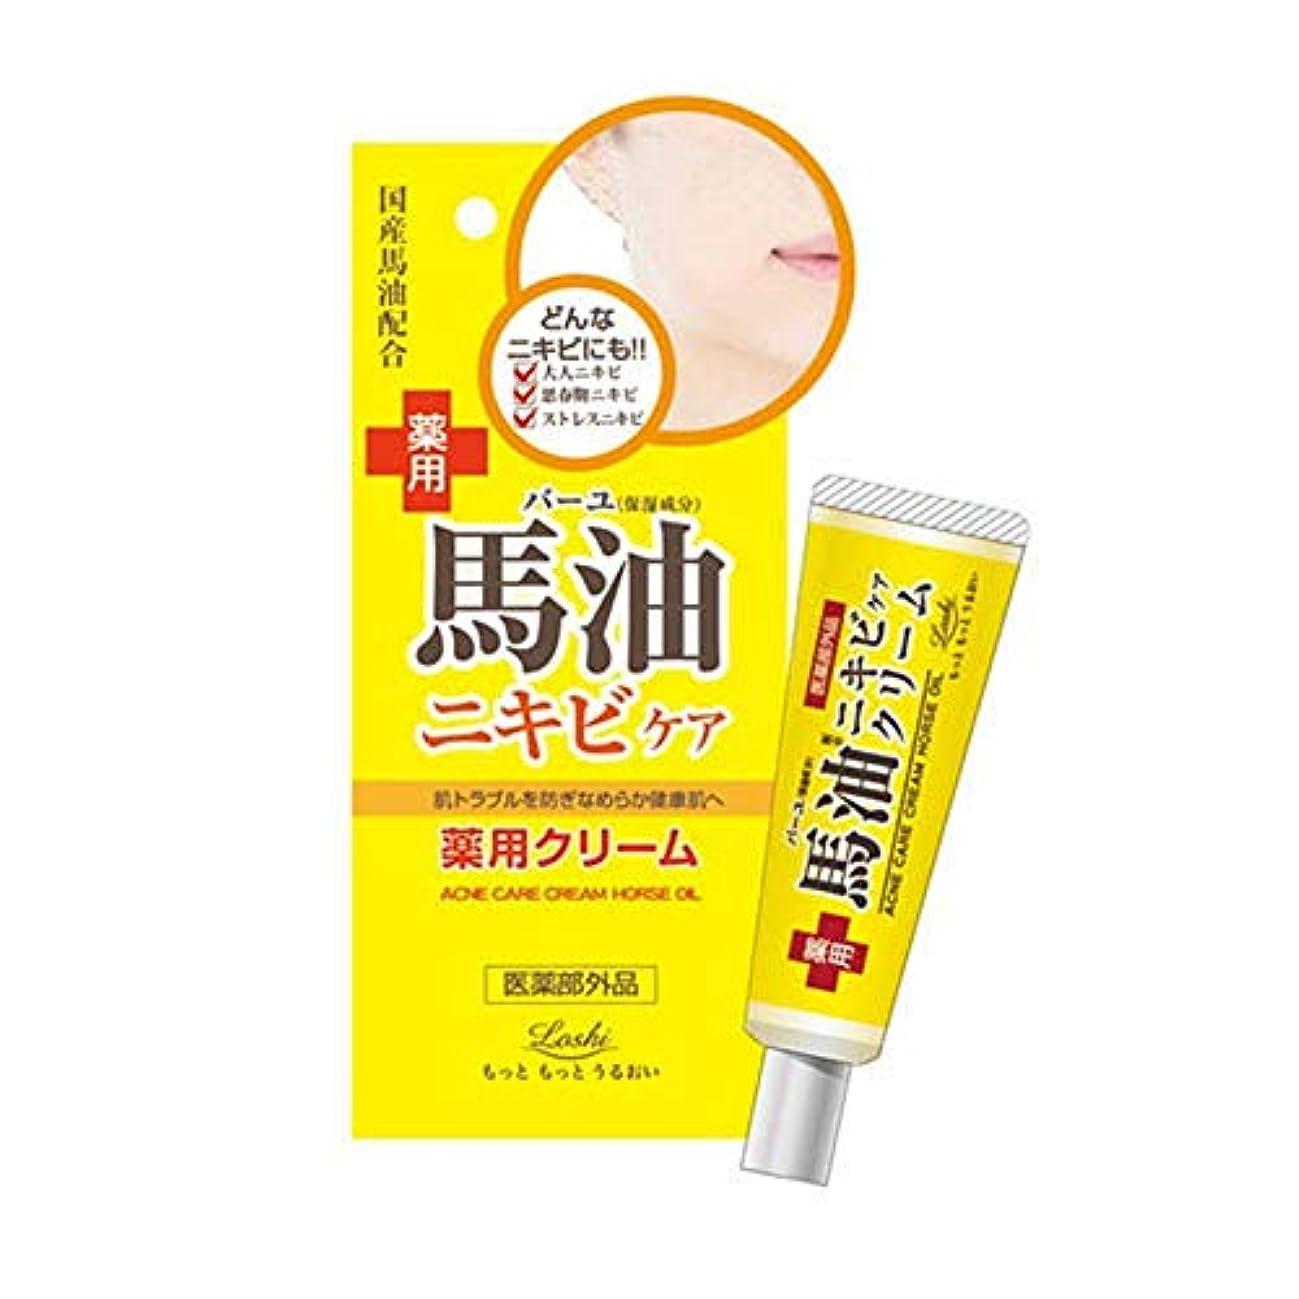 音森ポークロッシモイストエイド 薬用ケアクリーム 馬油 20g